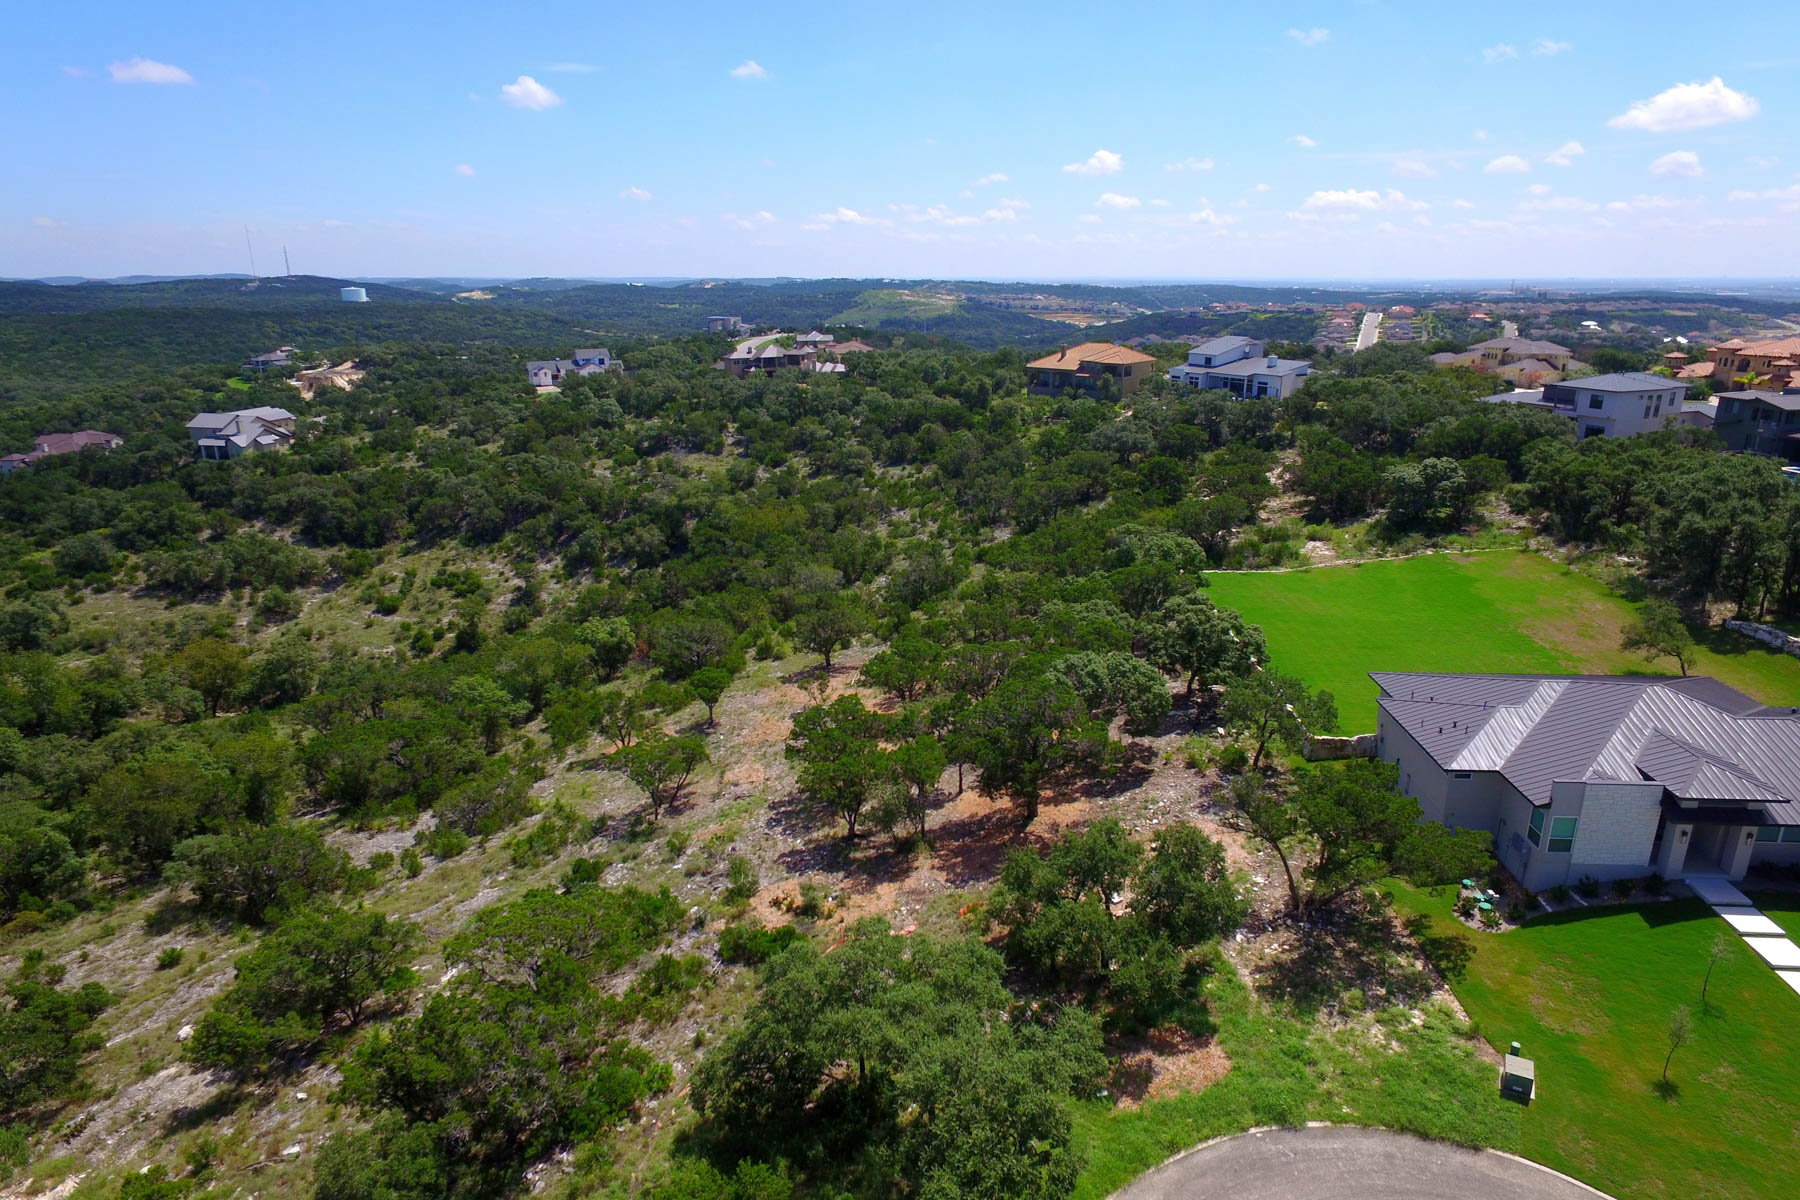 Terreno por un Venta en Exceptional Hill Country Property Within the City 19314 Terra Brook San Antonio, Texas 78255 Estados Unidos